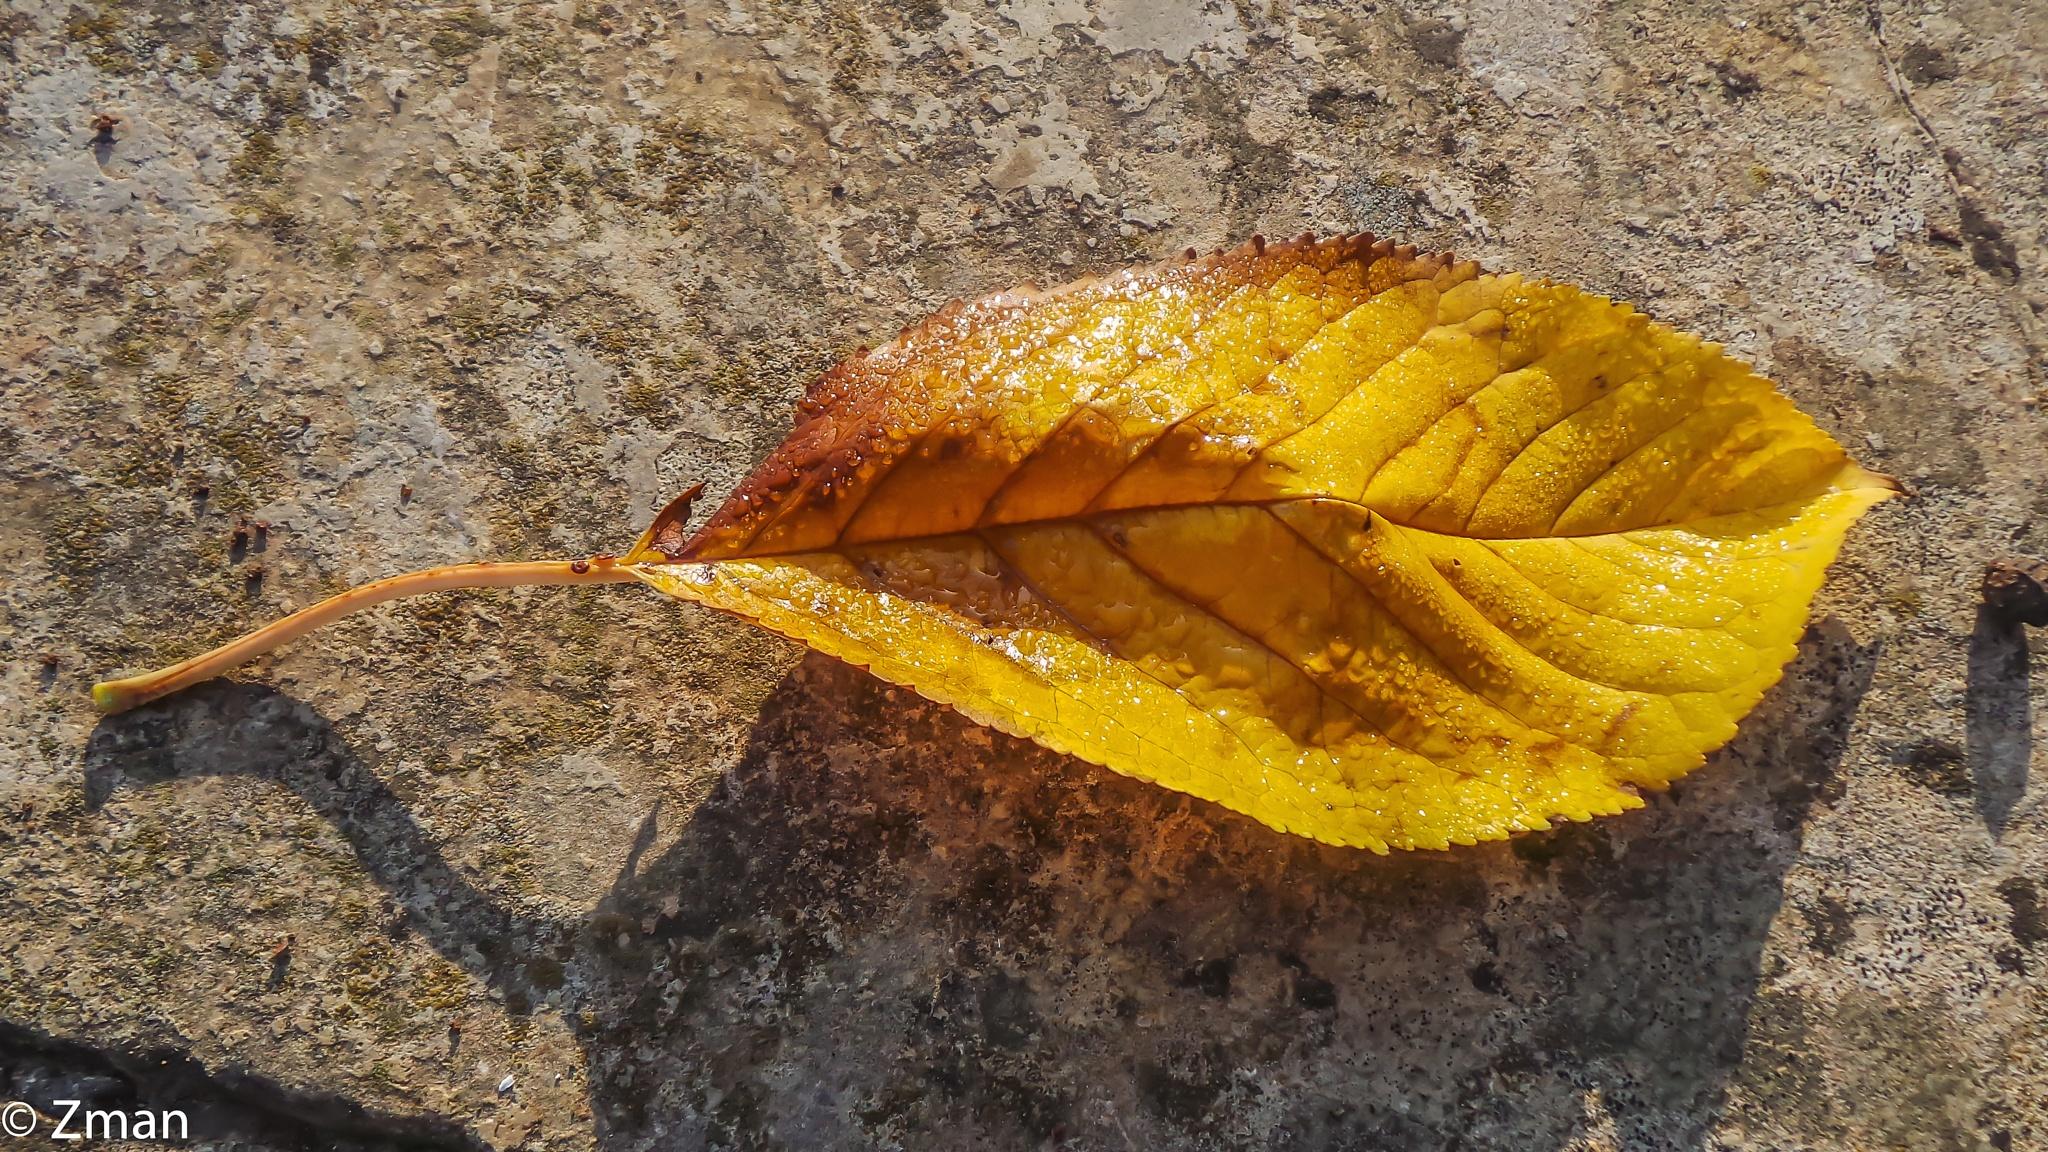 Fallen Leaf by muhammad.nasser.963